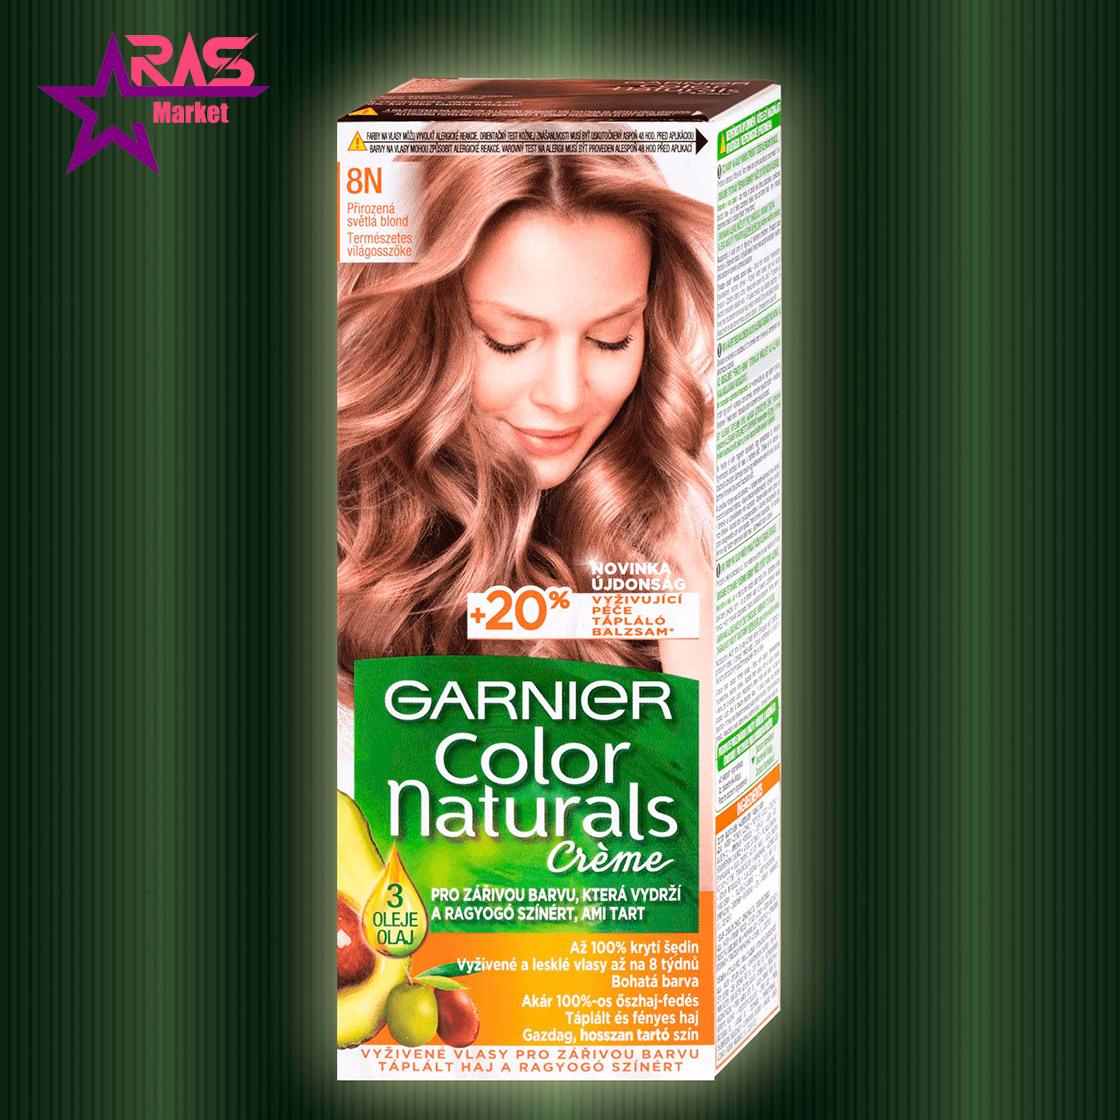 کیت رنگ مو گارنیر سری Color Naturals شماره 8N ، فروشگاه اینترنتی ارس مارکت ، بهداشت بانوان